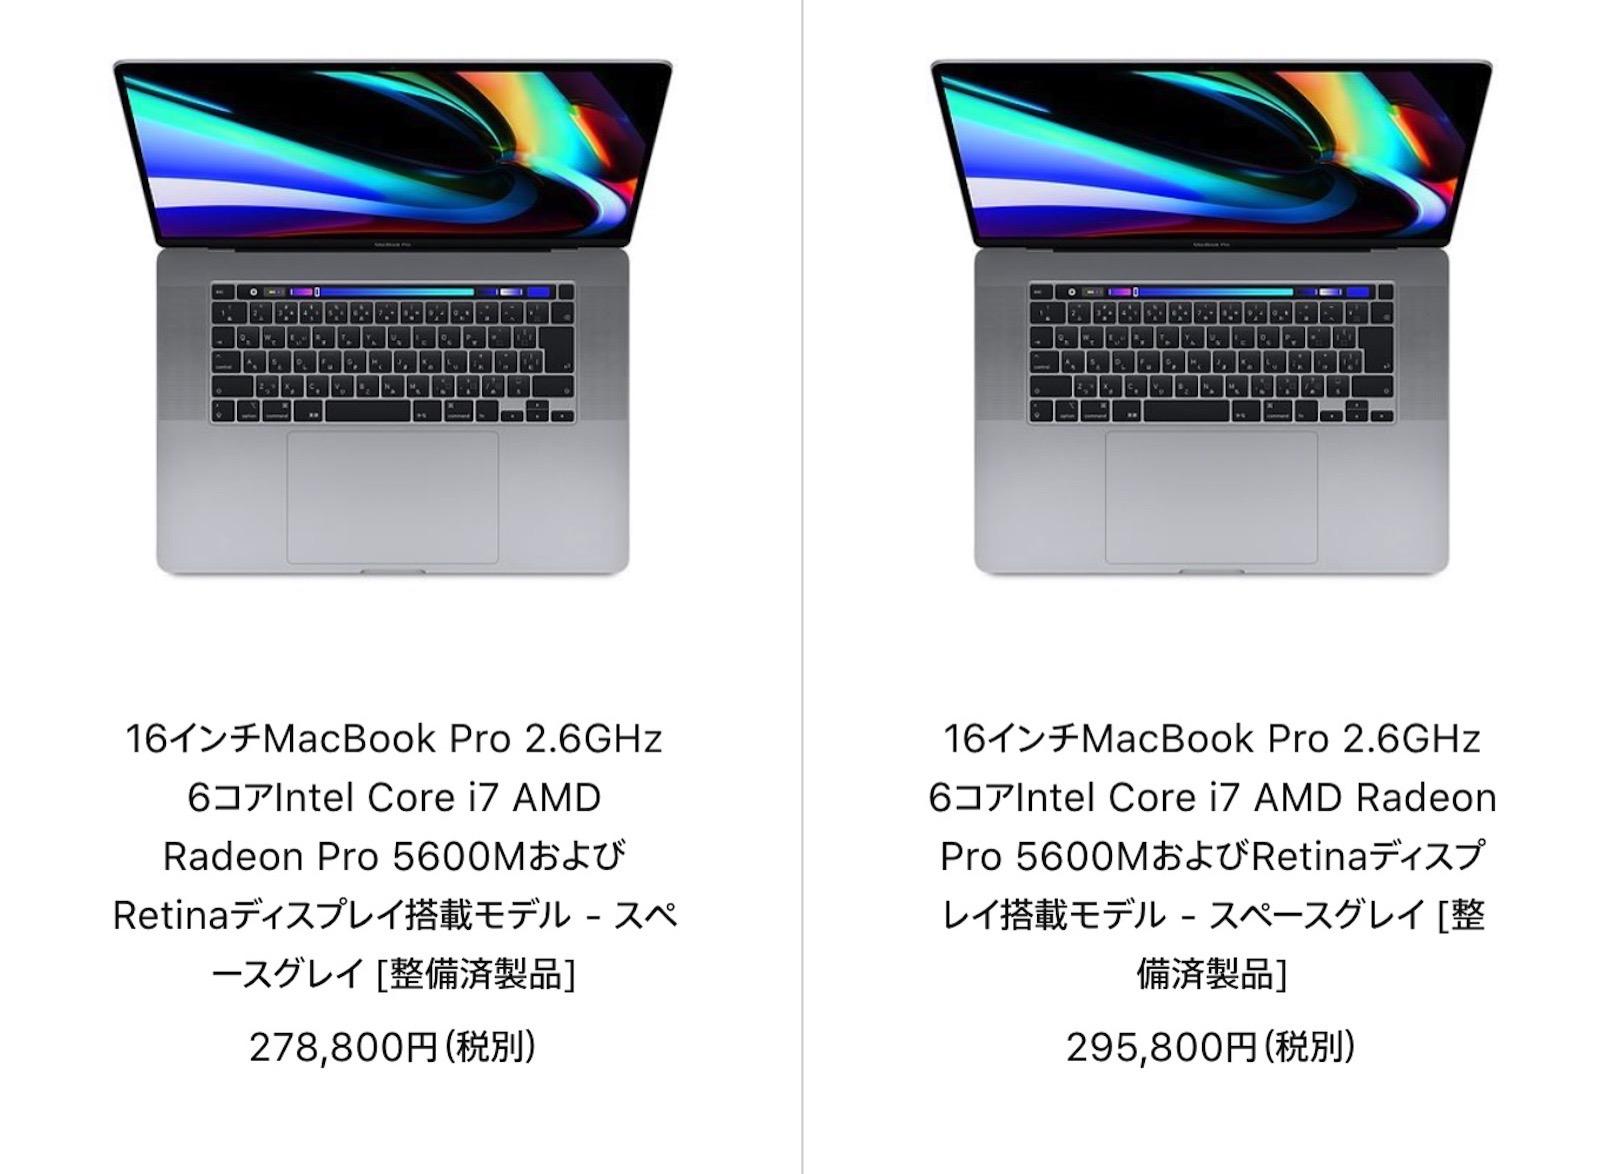 Radeon 5600m macbookpro 16inch